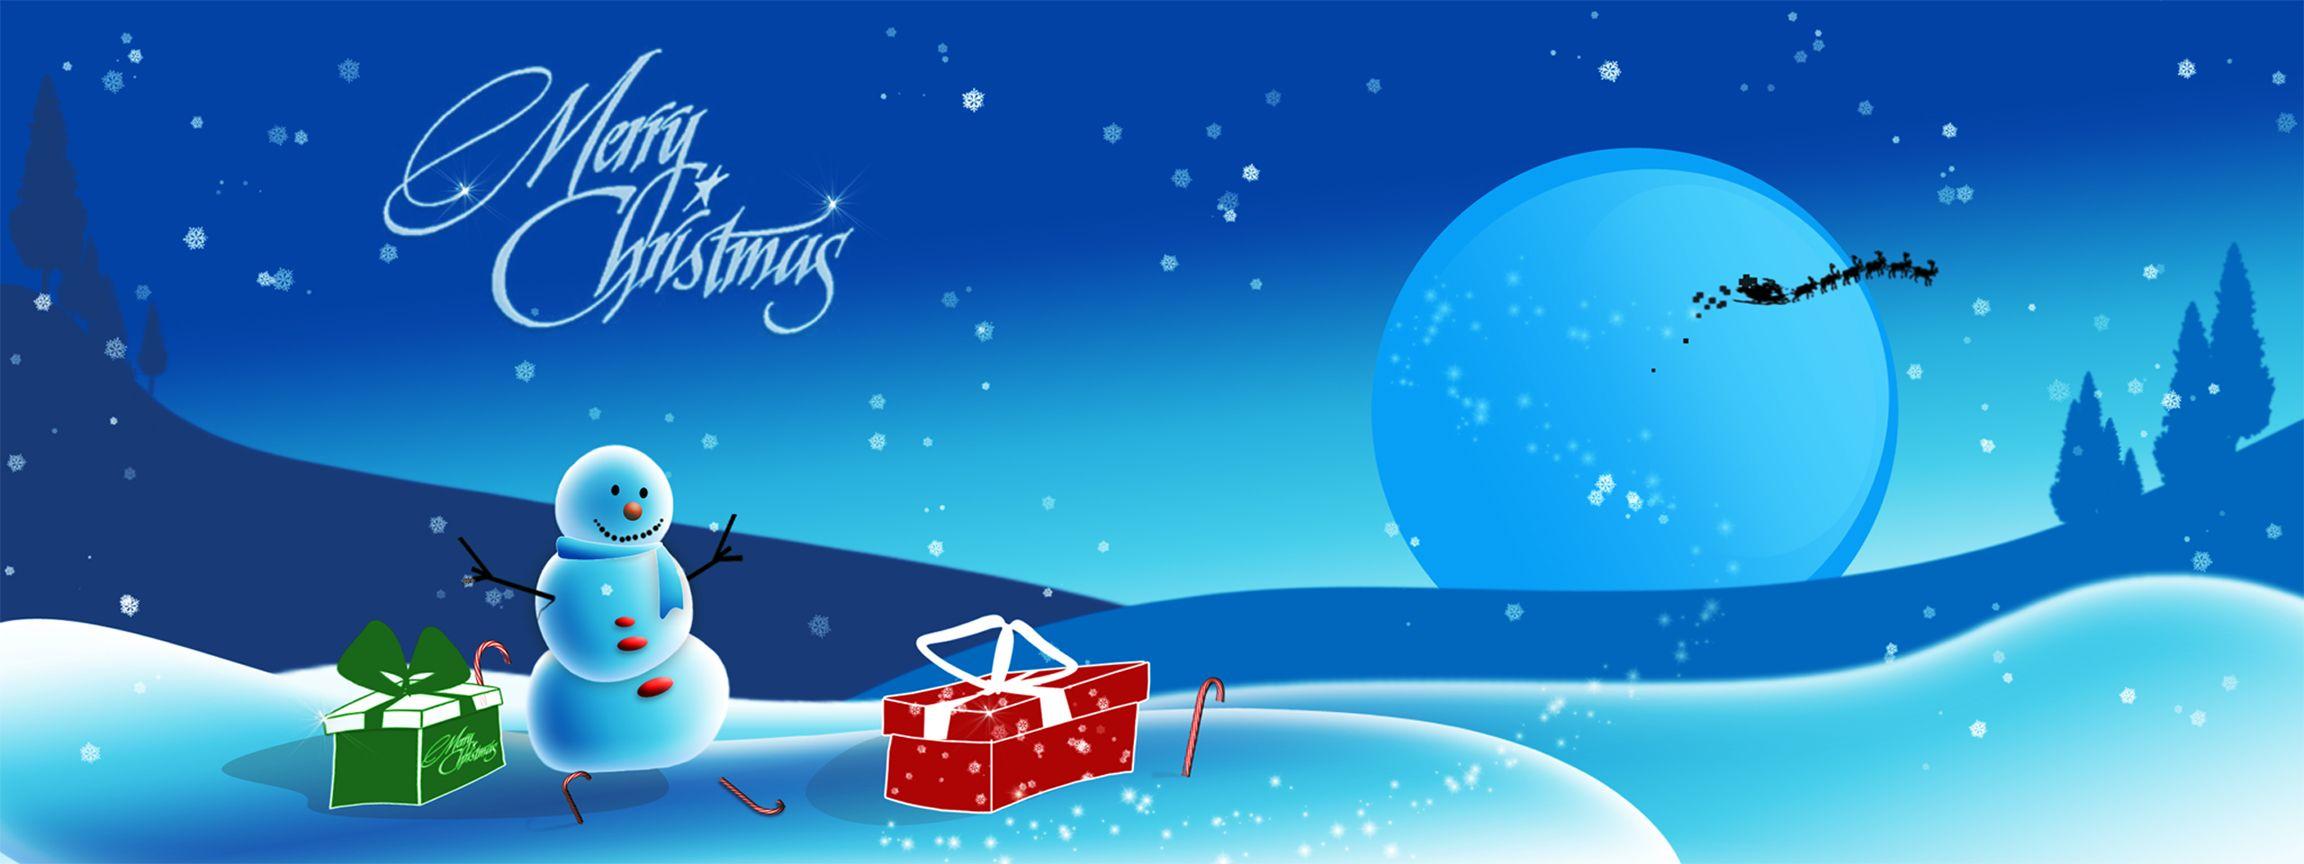 Widescreen Christmas Desktop Wallpaper